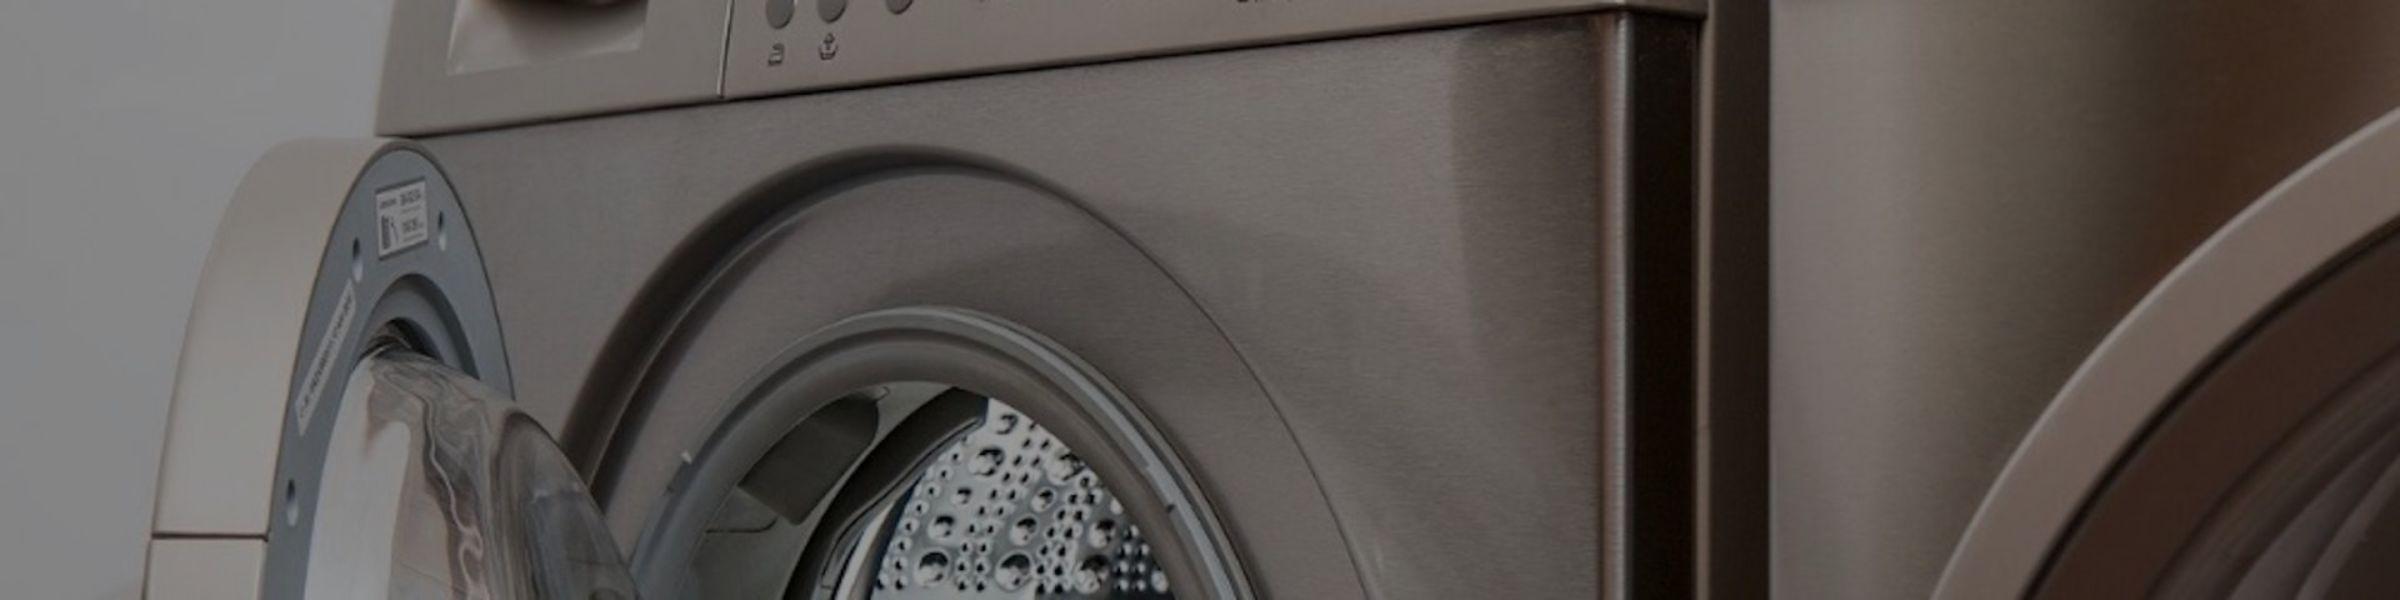 washing machine repairs pros in Johannesburg